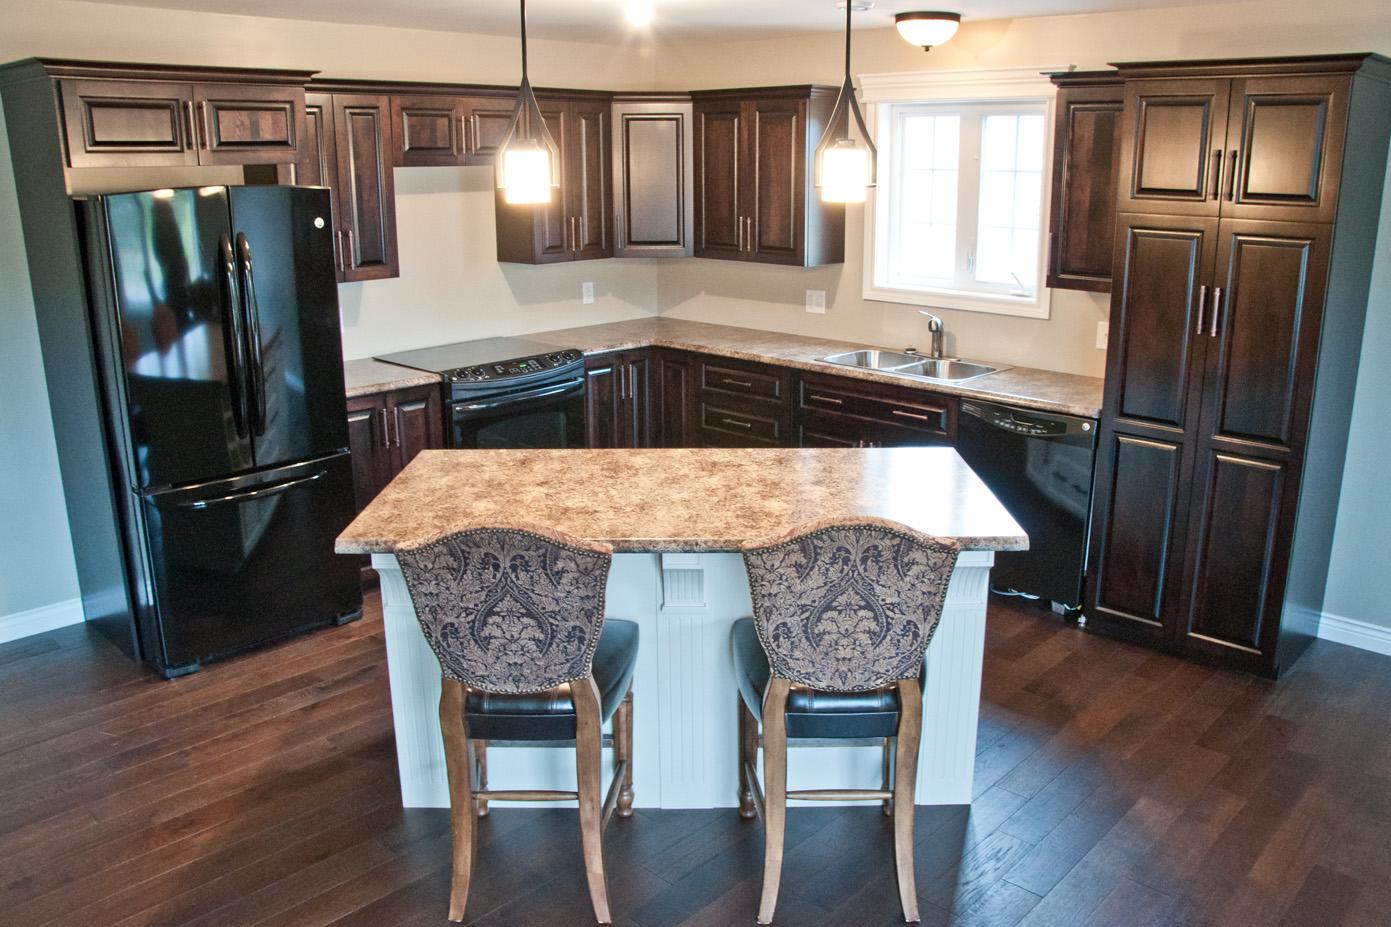 dark kitchen cabinets, light island cabinets)